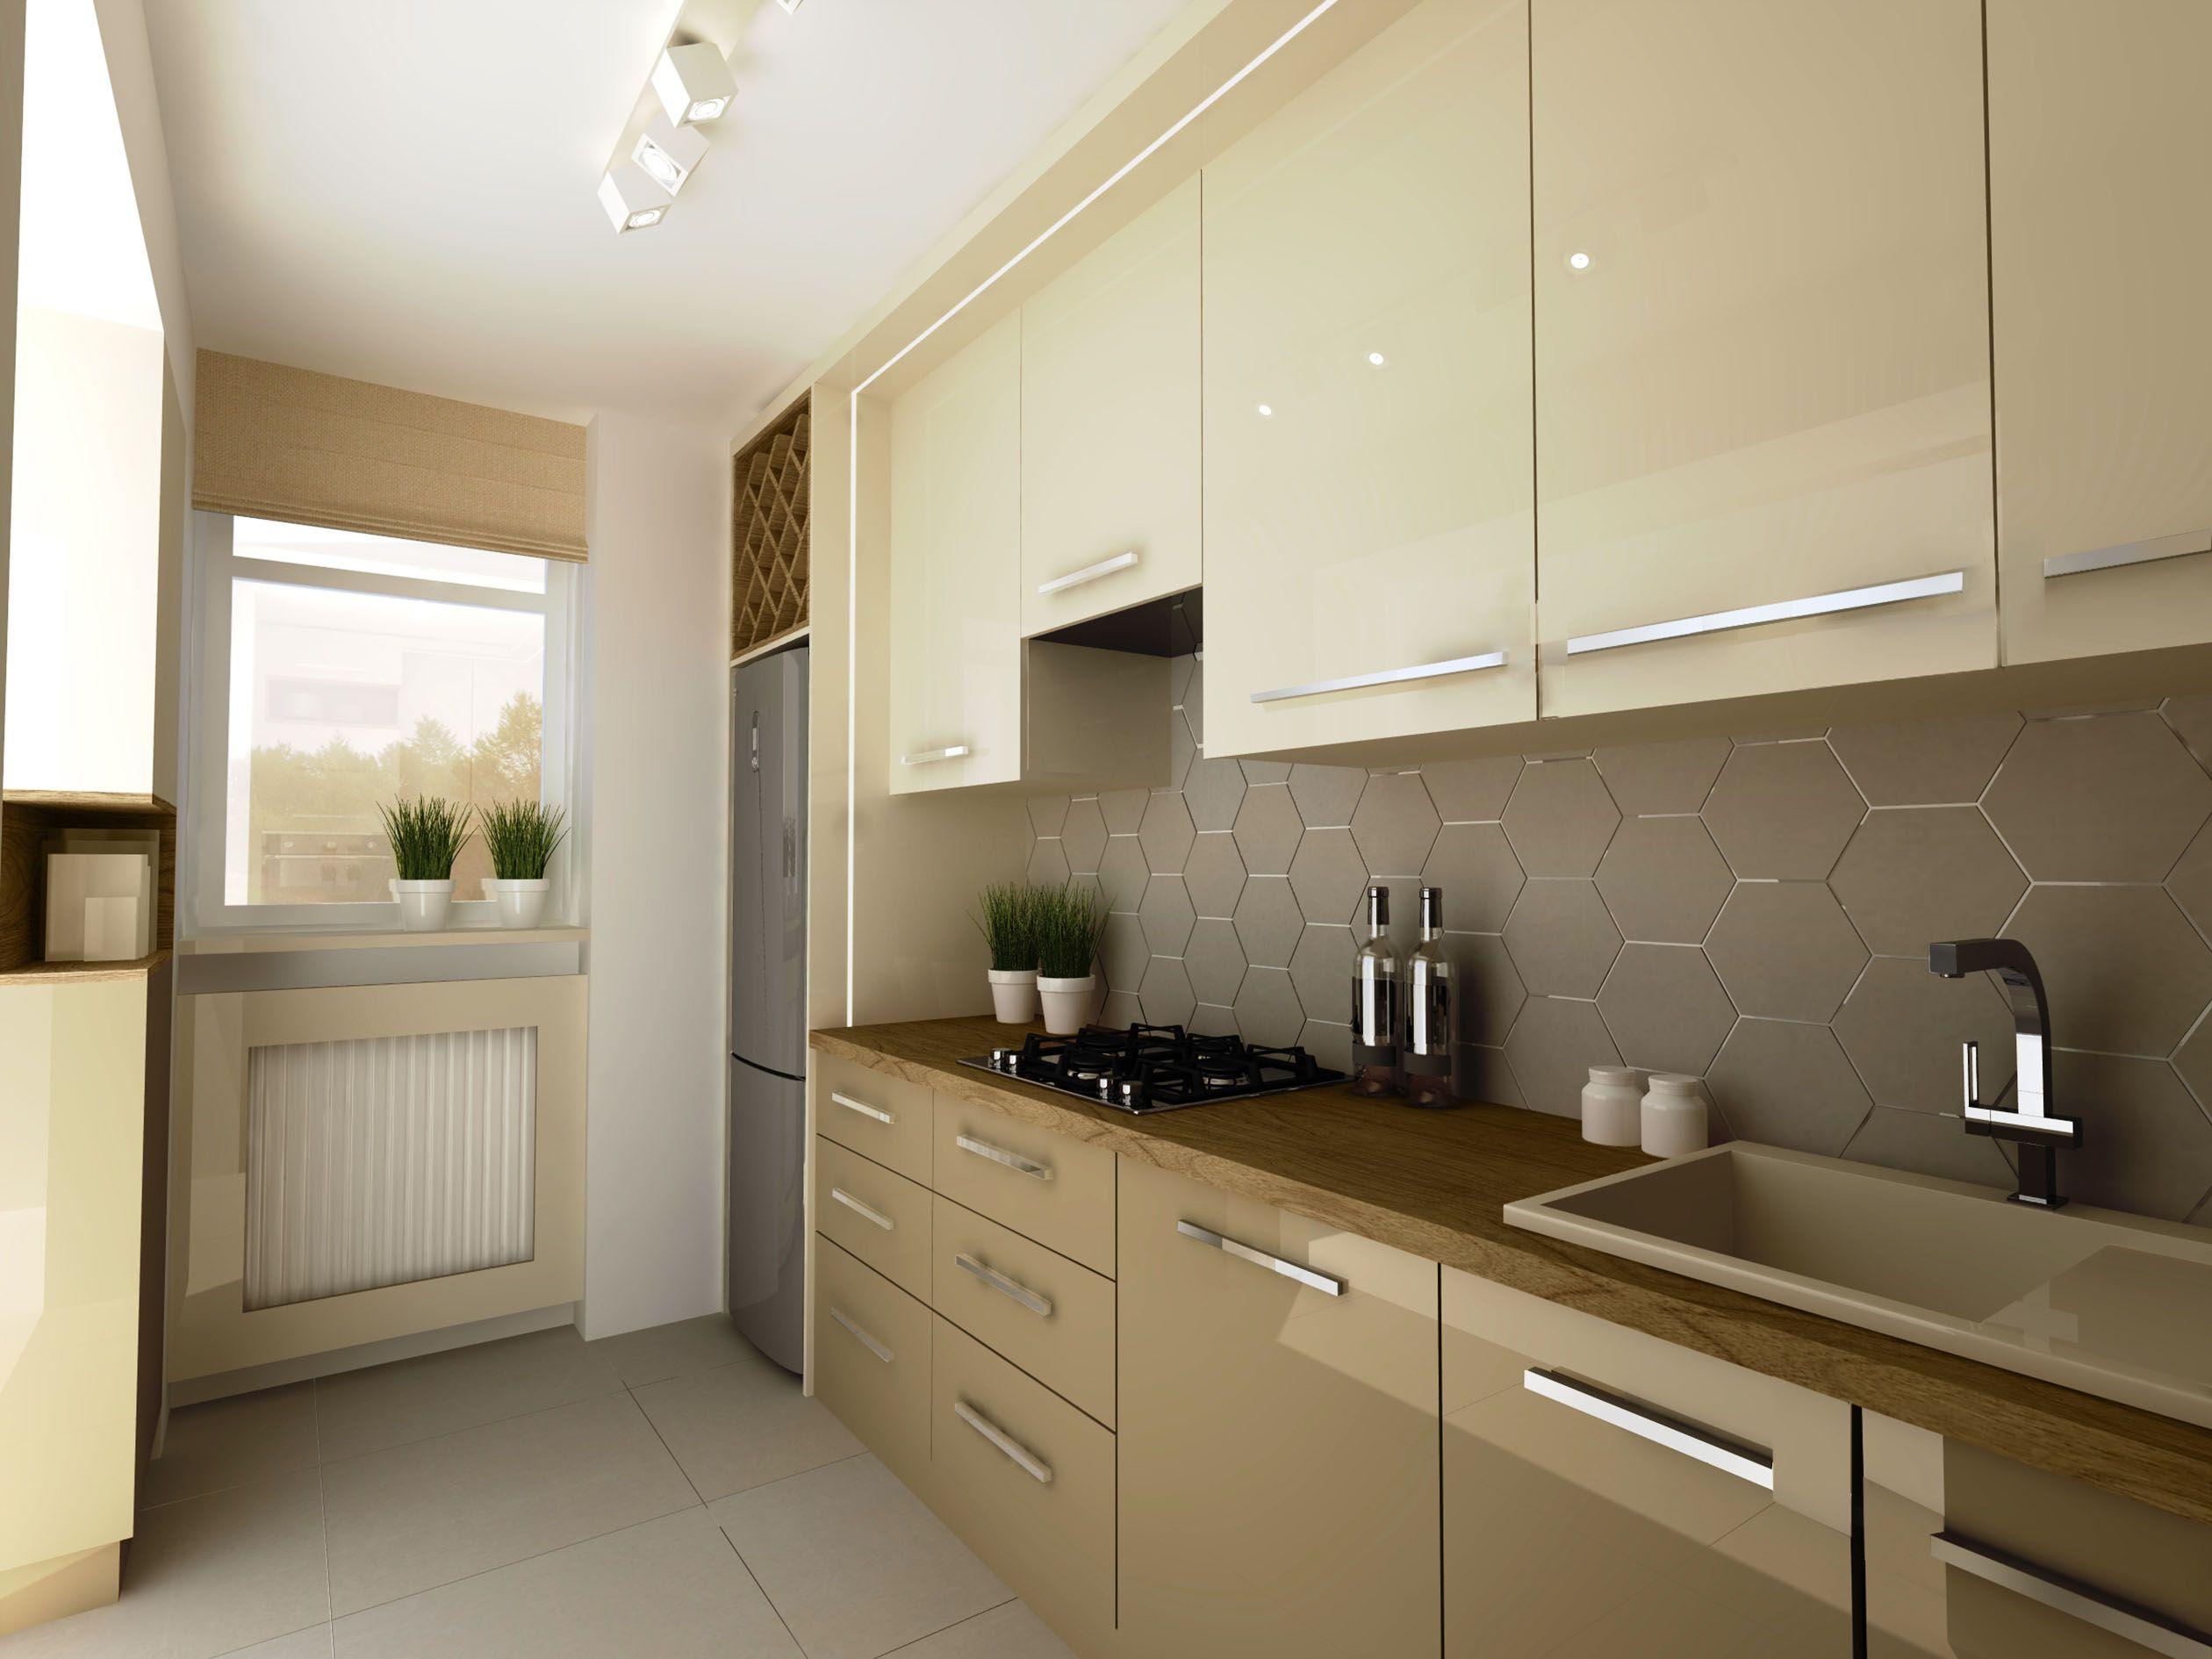 Wizualizacja Archicad Artlantis Kuchnia Jasna Nowoczesna Fronty Mdf Lakierowane Polysk Interior360 Kitchen Home Decor Kitchen Cabinets